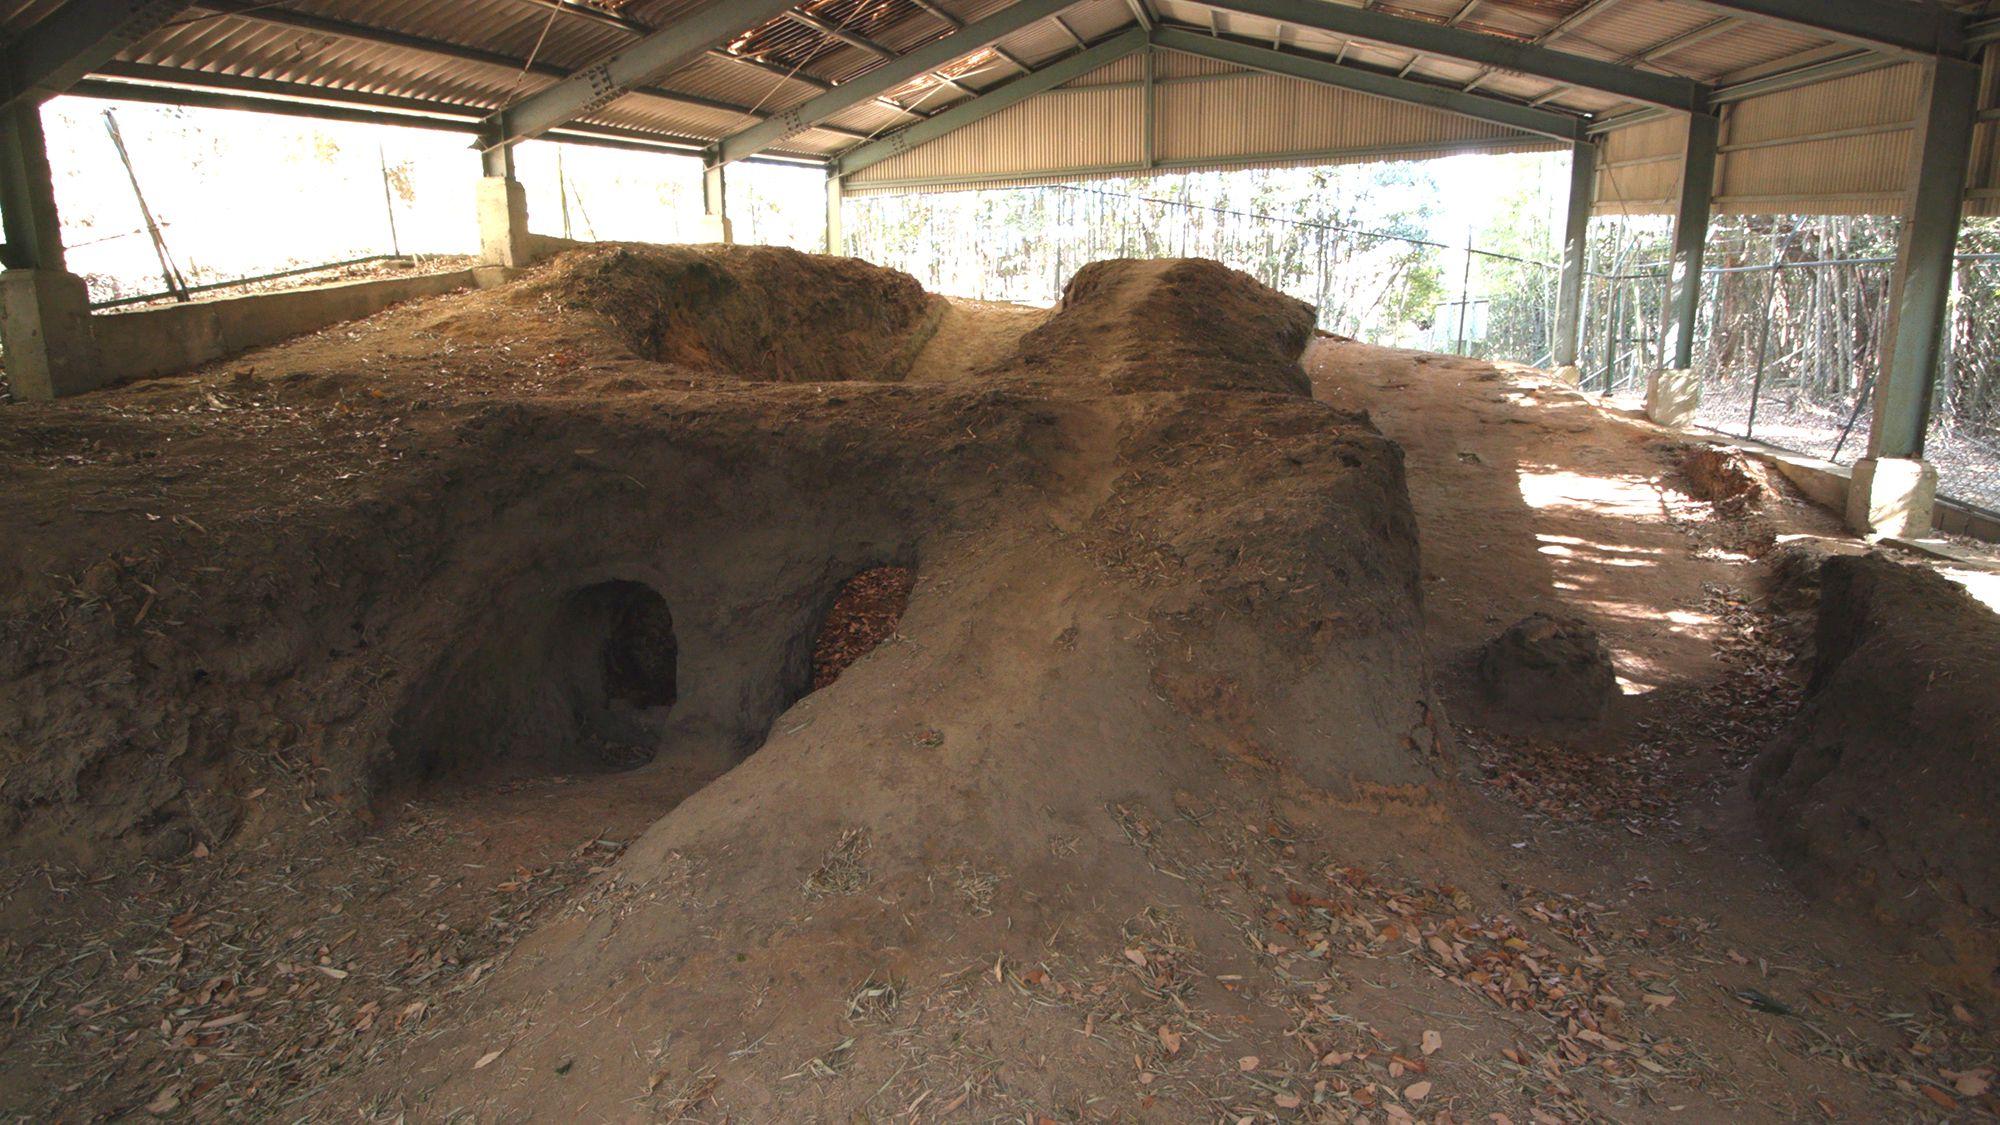 常滑の篭池(かごいけ)古窯。平安時代末期に使用されていた窖窯(あながま)で斜面を掘り抜いて作られている。